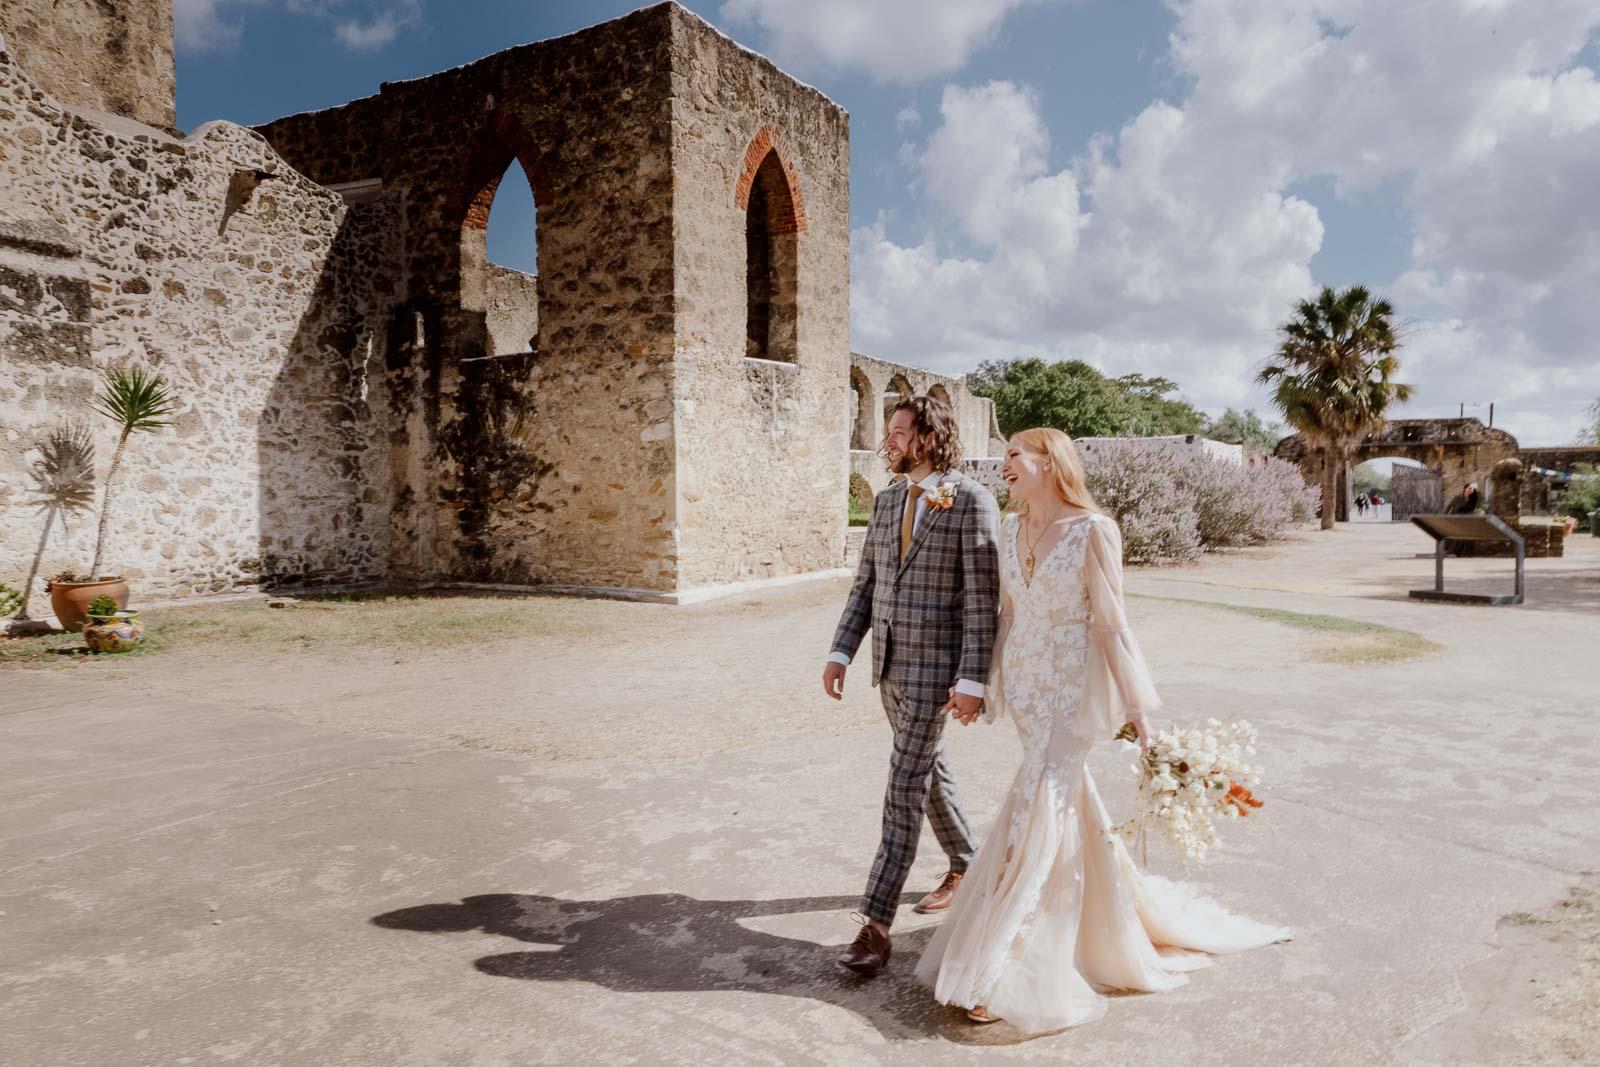 San-Jose-Wedding-Ceremony-San-Antonio-Philip-Thomas